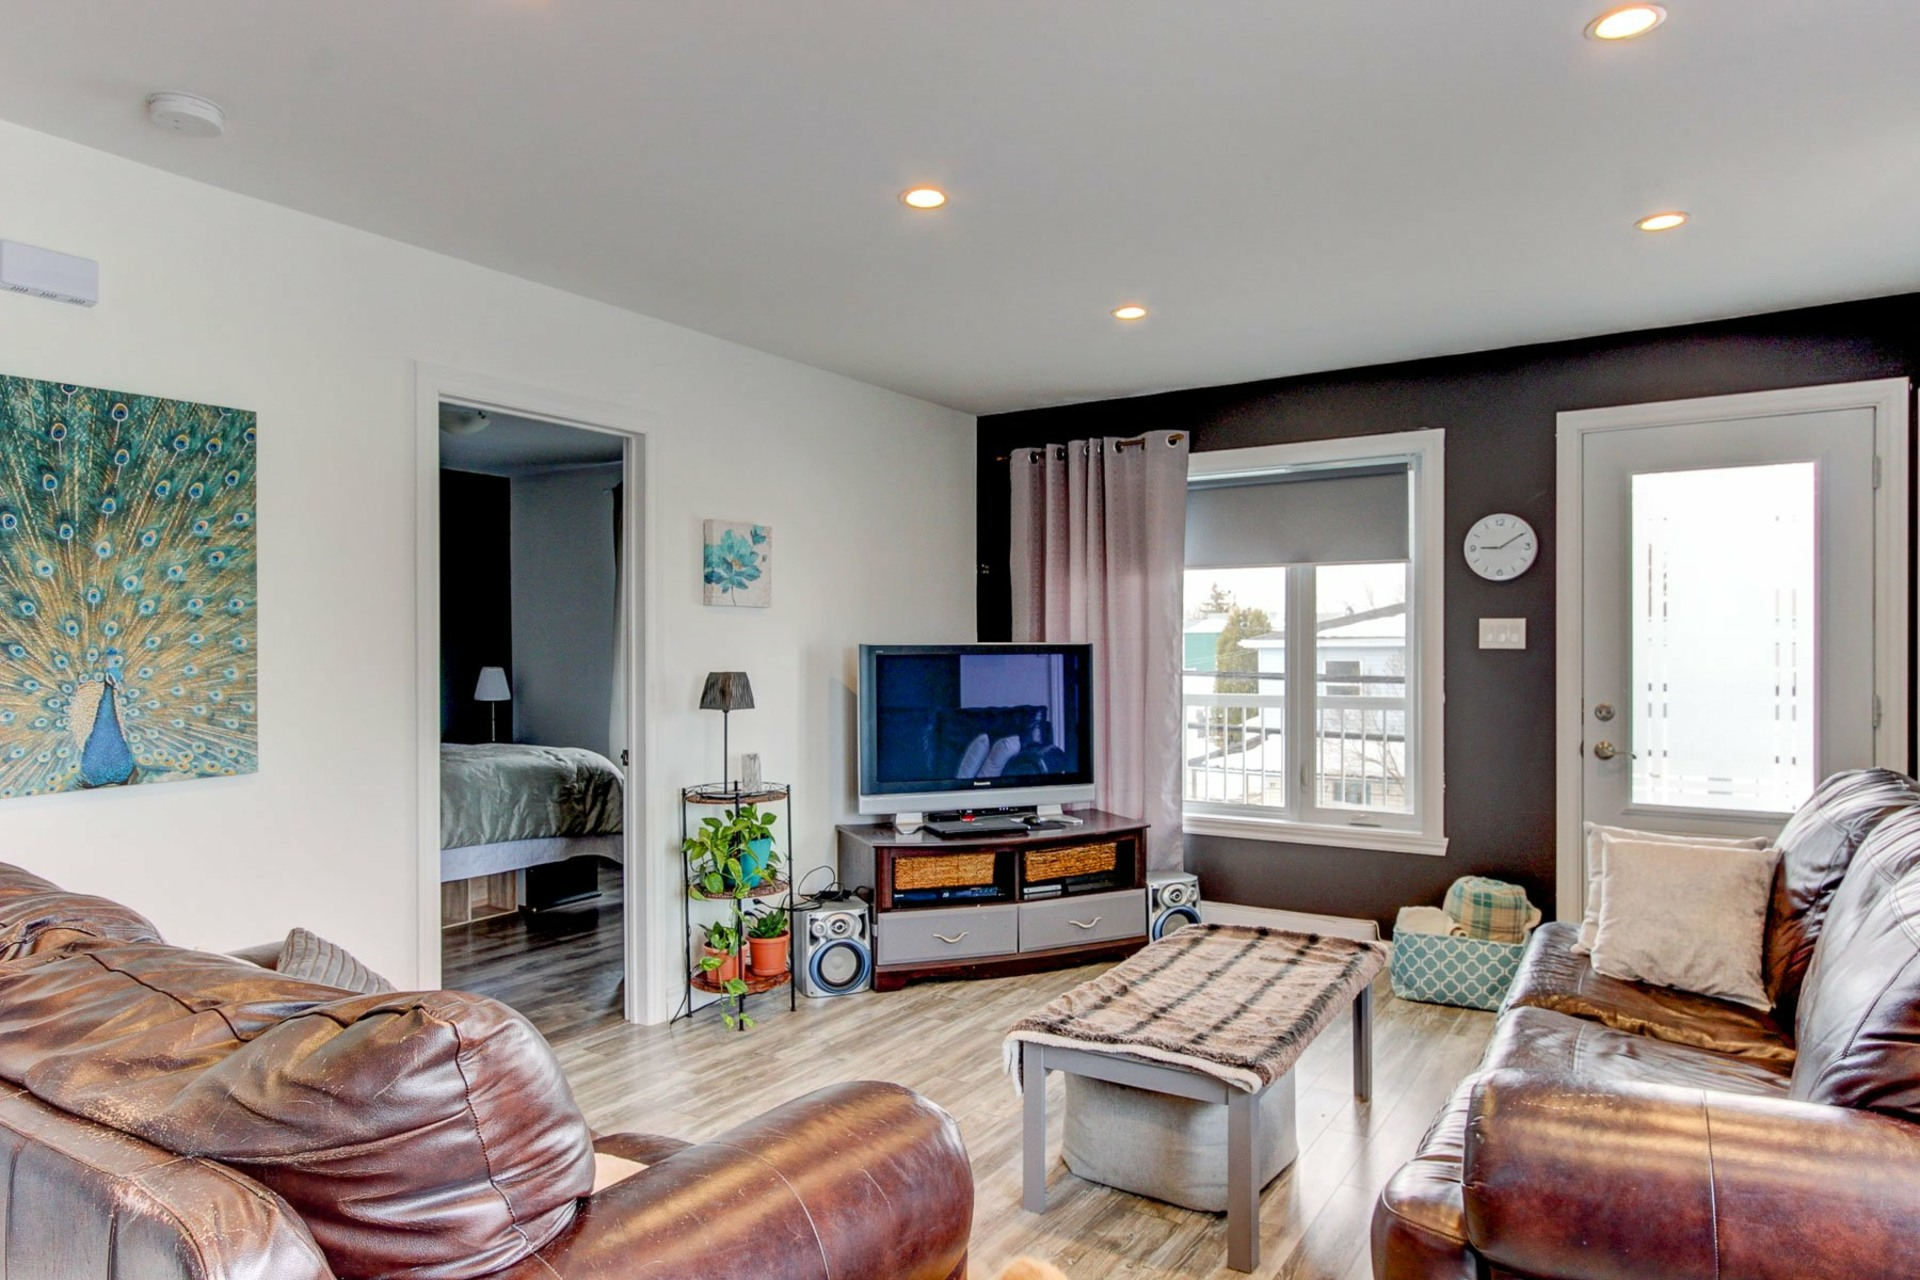 image 4 - Duplex À vendre Trois-Rivières - 8 pièces